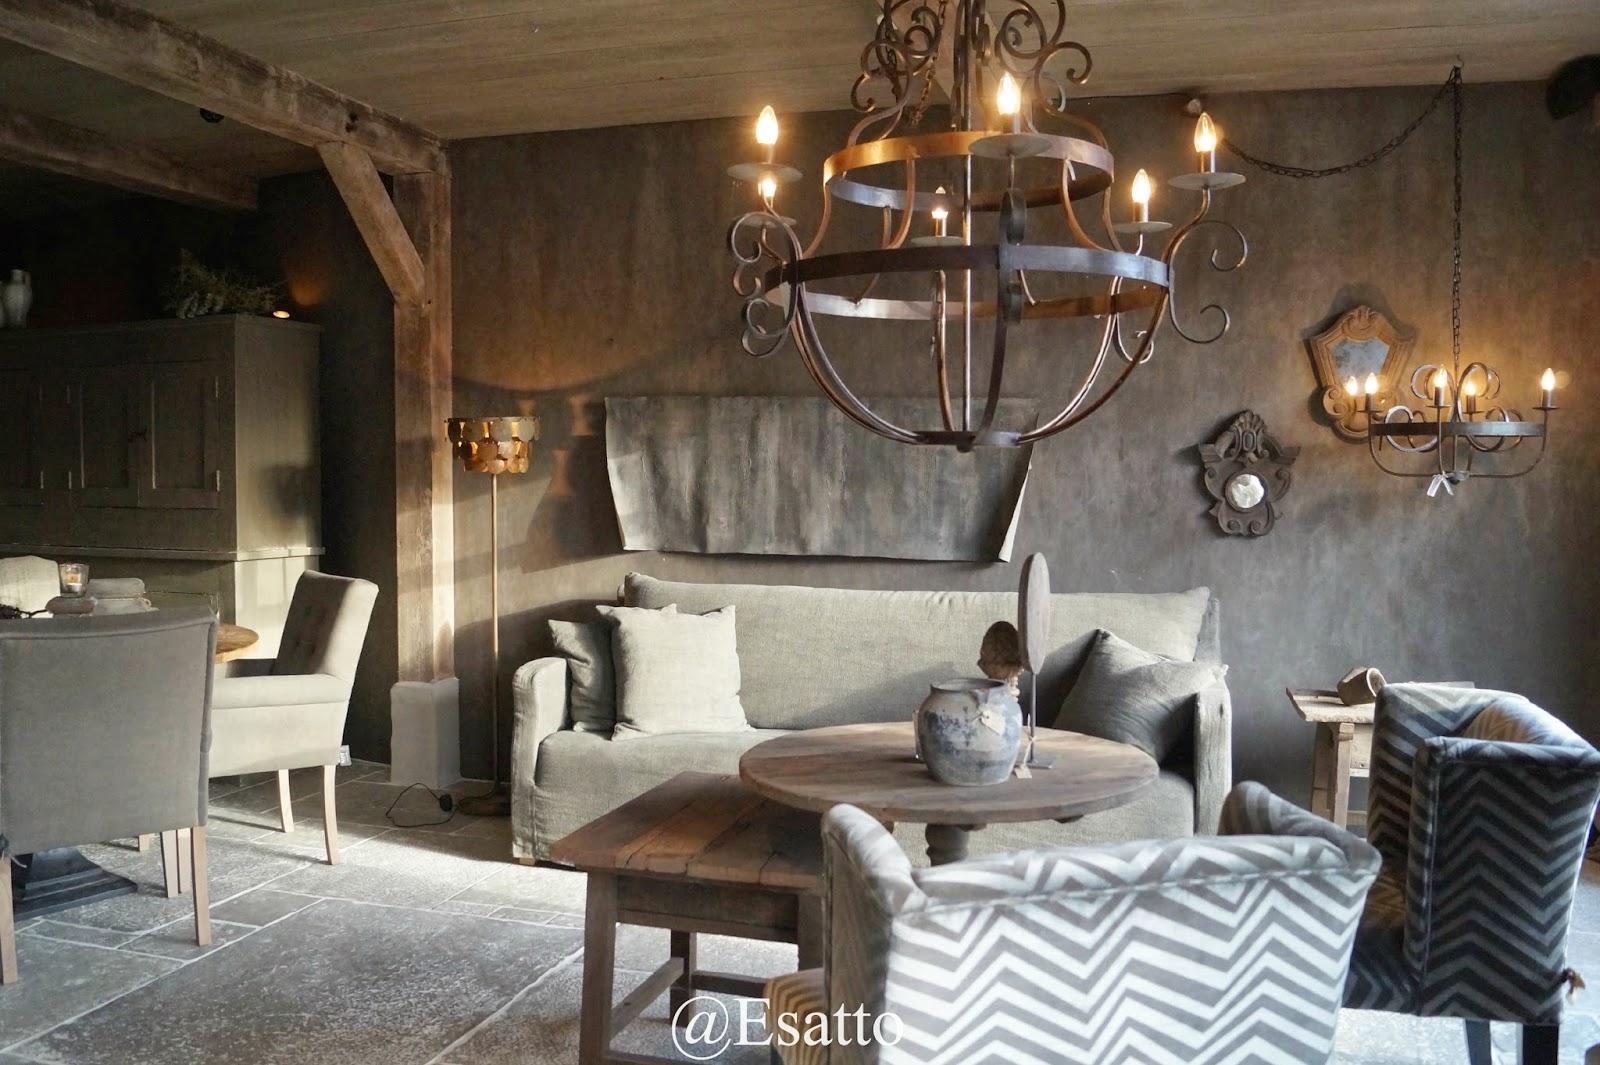 Verlichting Kleine Woonkamer : Kleine woonkamer decoreren smal klein balkon gezellig rose balkon